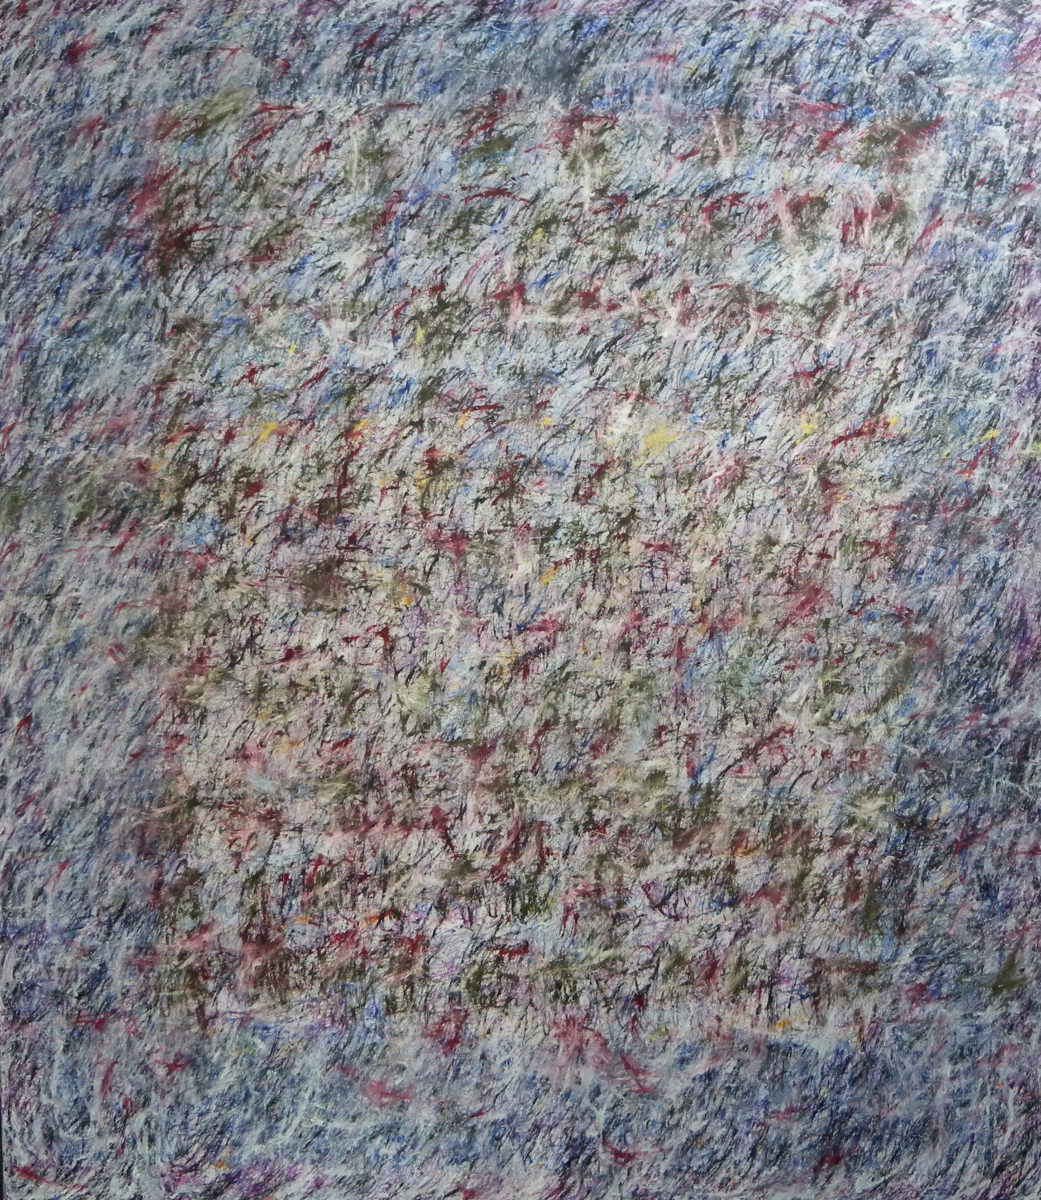 MARC FELD 2012 FANFARE FRAGILE 5  Huile sur toile  200 x 230 cm